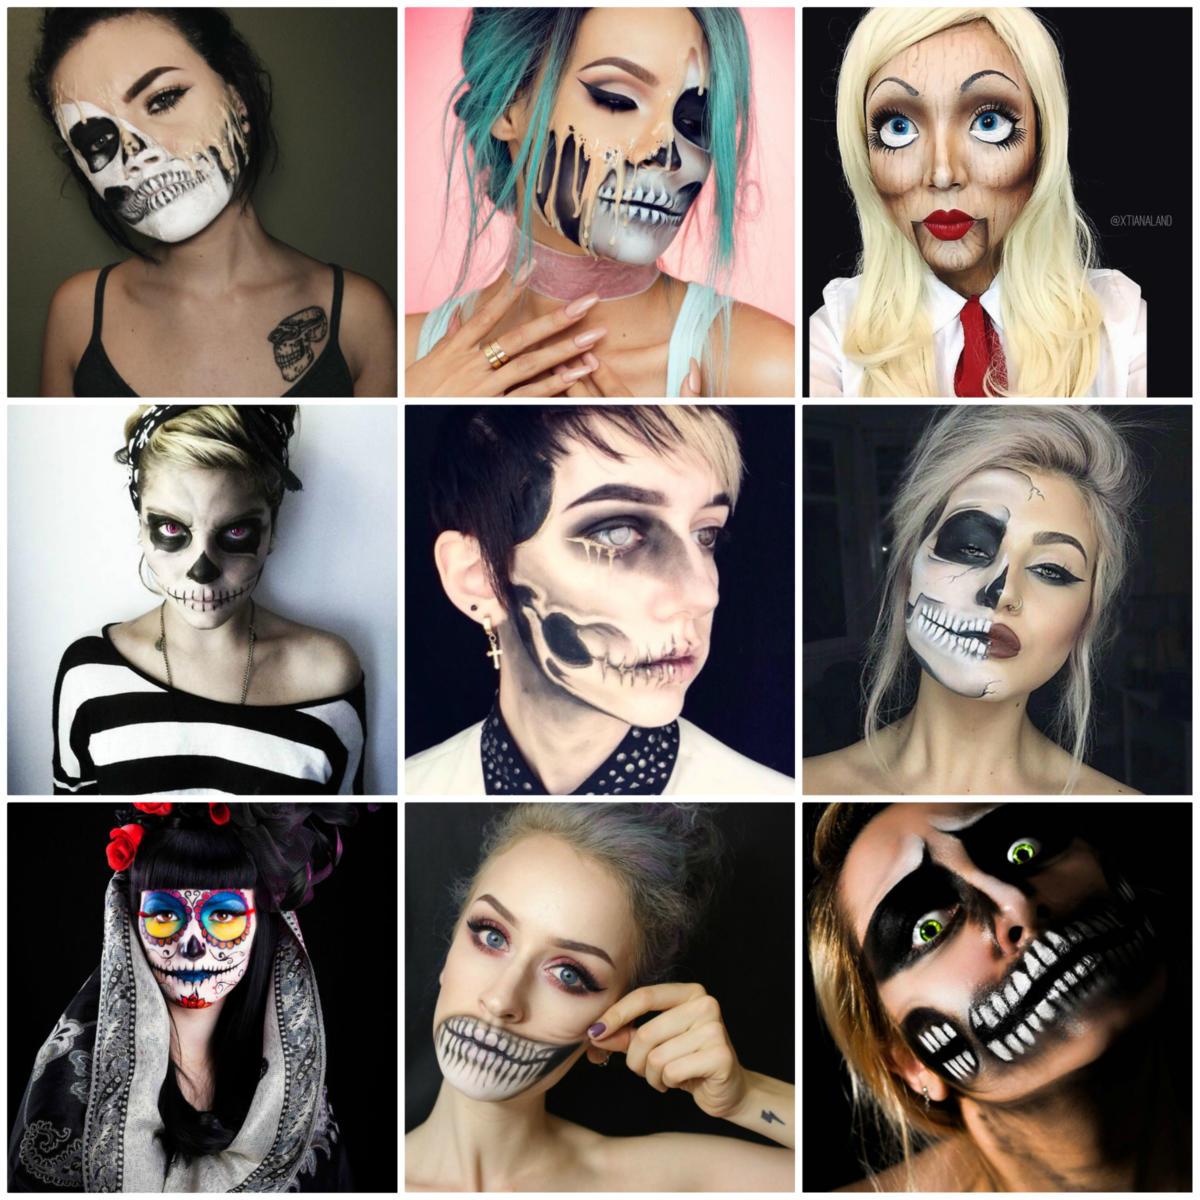 Idee costumi per Halloween: ecco i più gettonati!